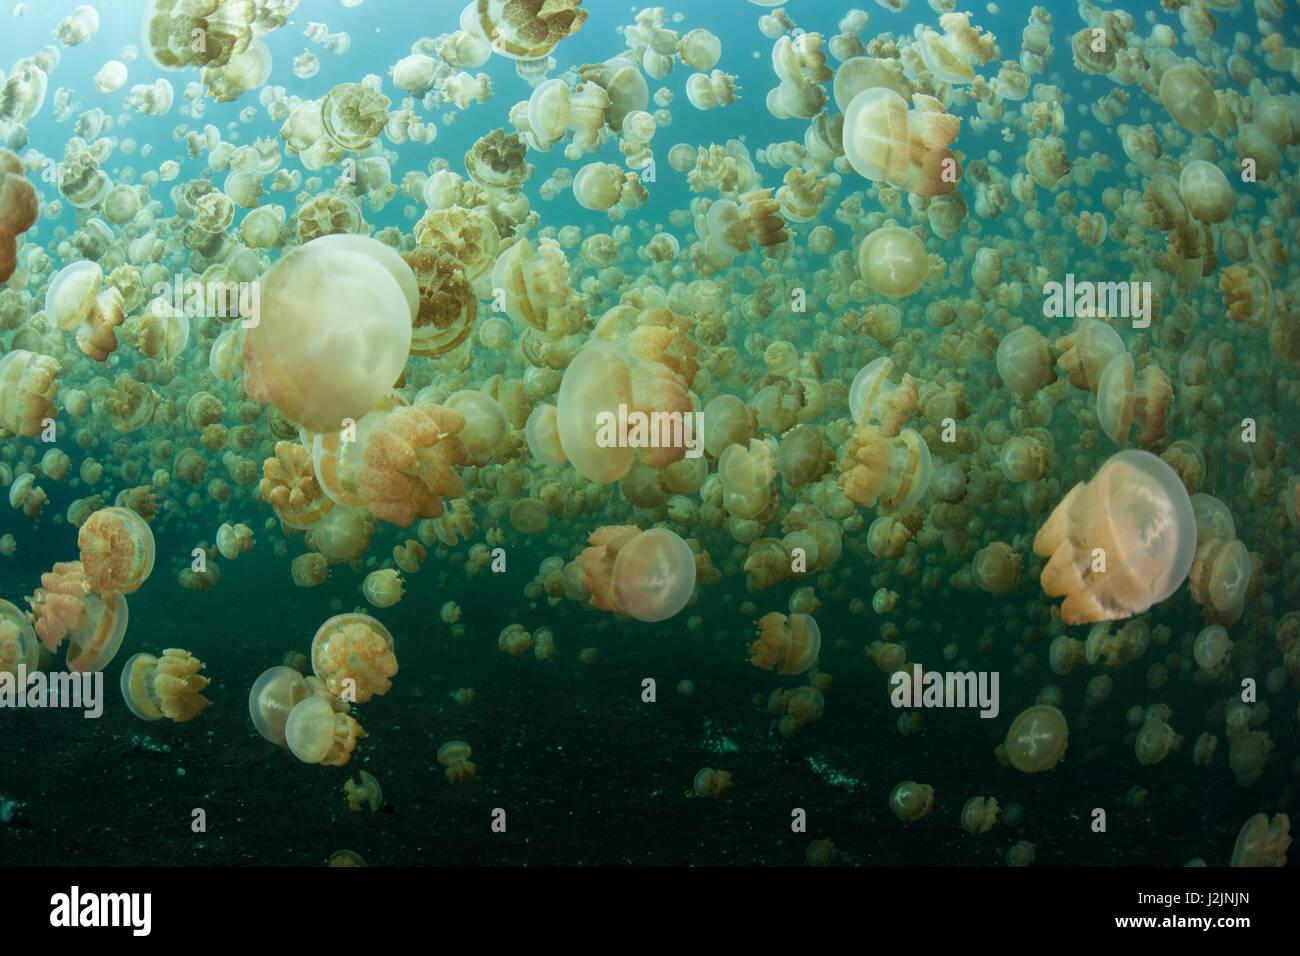 Millionen von endemische Quallen (Mastigias Papua Etpisonii) schwimmen in einem isolierten marine See in der Republik Palau. Stockfoto